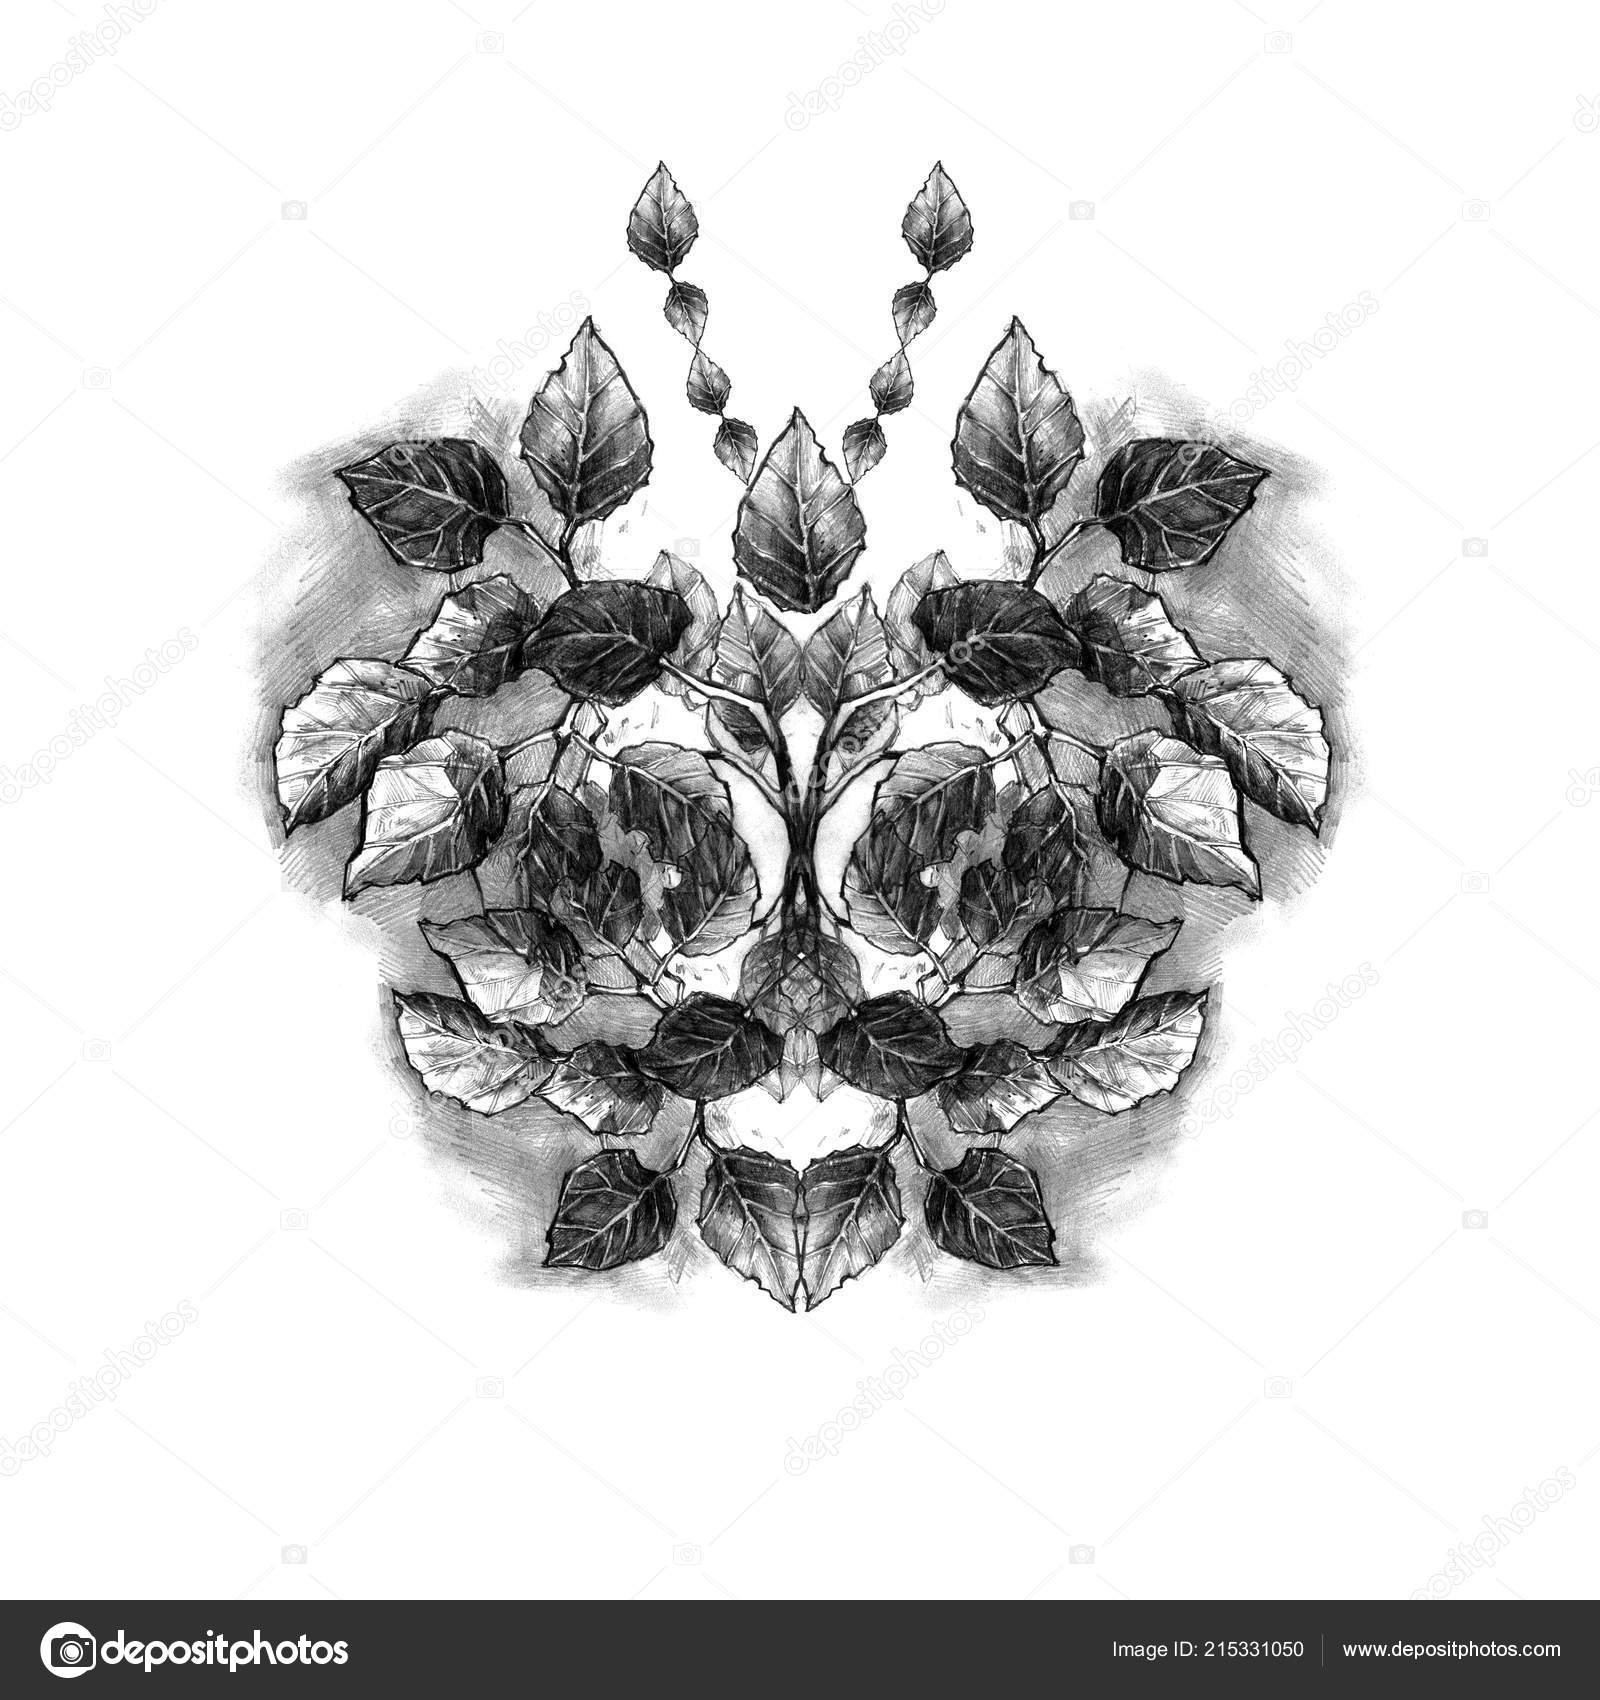 Rucne Kreslenou Listy Slozeni Podobe Motyla Prirodni Tuzka Ilustrace